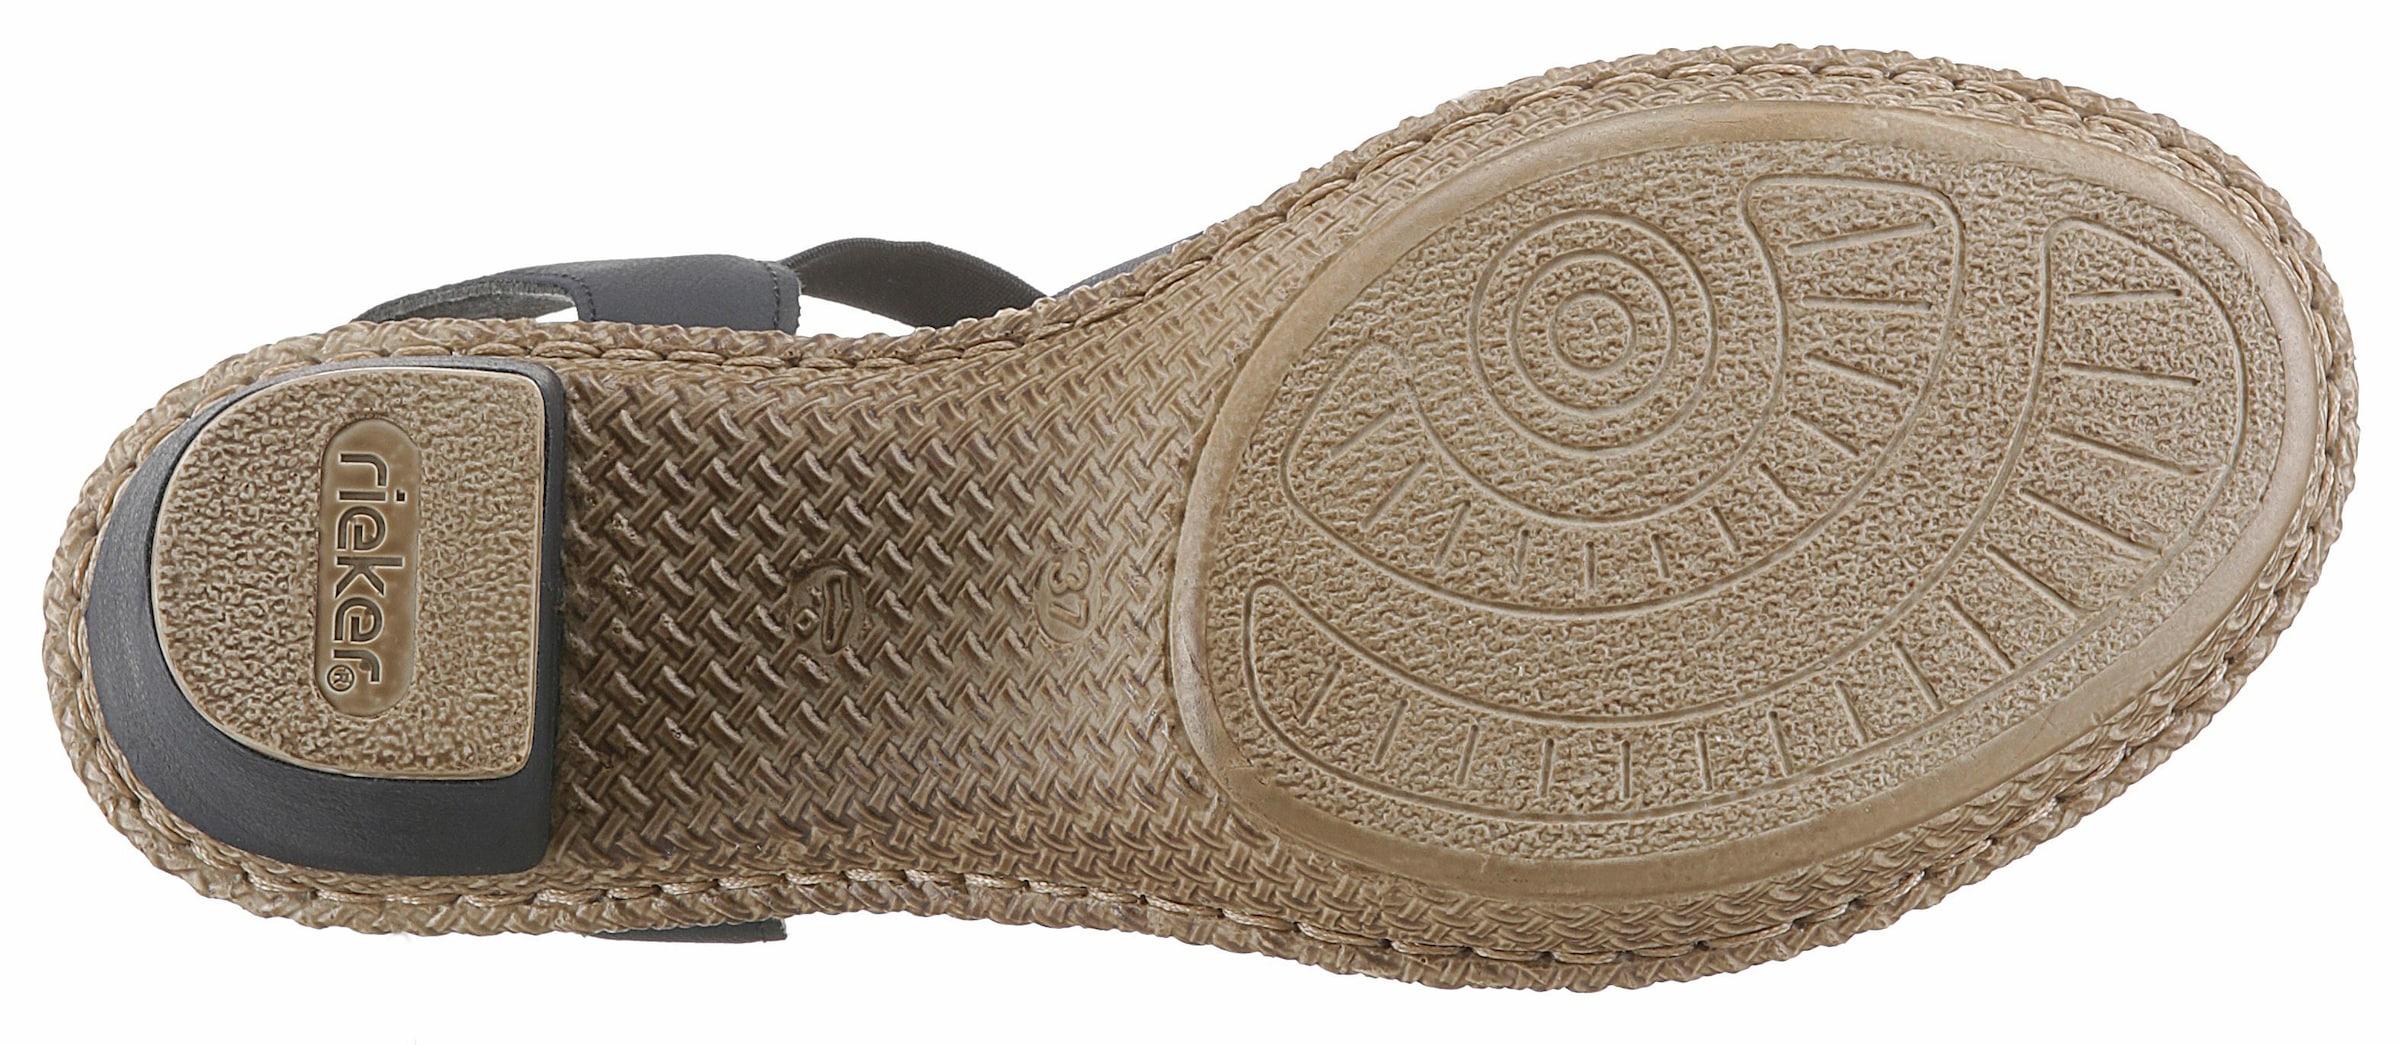 Rieker Sandalette per Rechnung lohnt | Gutes Preis-Leistungs-Verhältnis, es lohnt Rechnung sich 0aa729